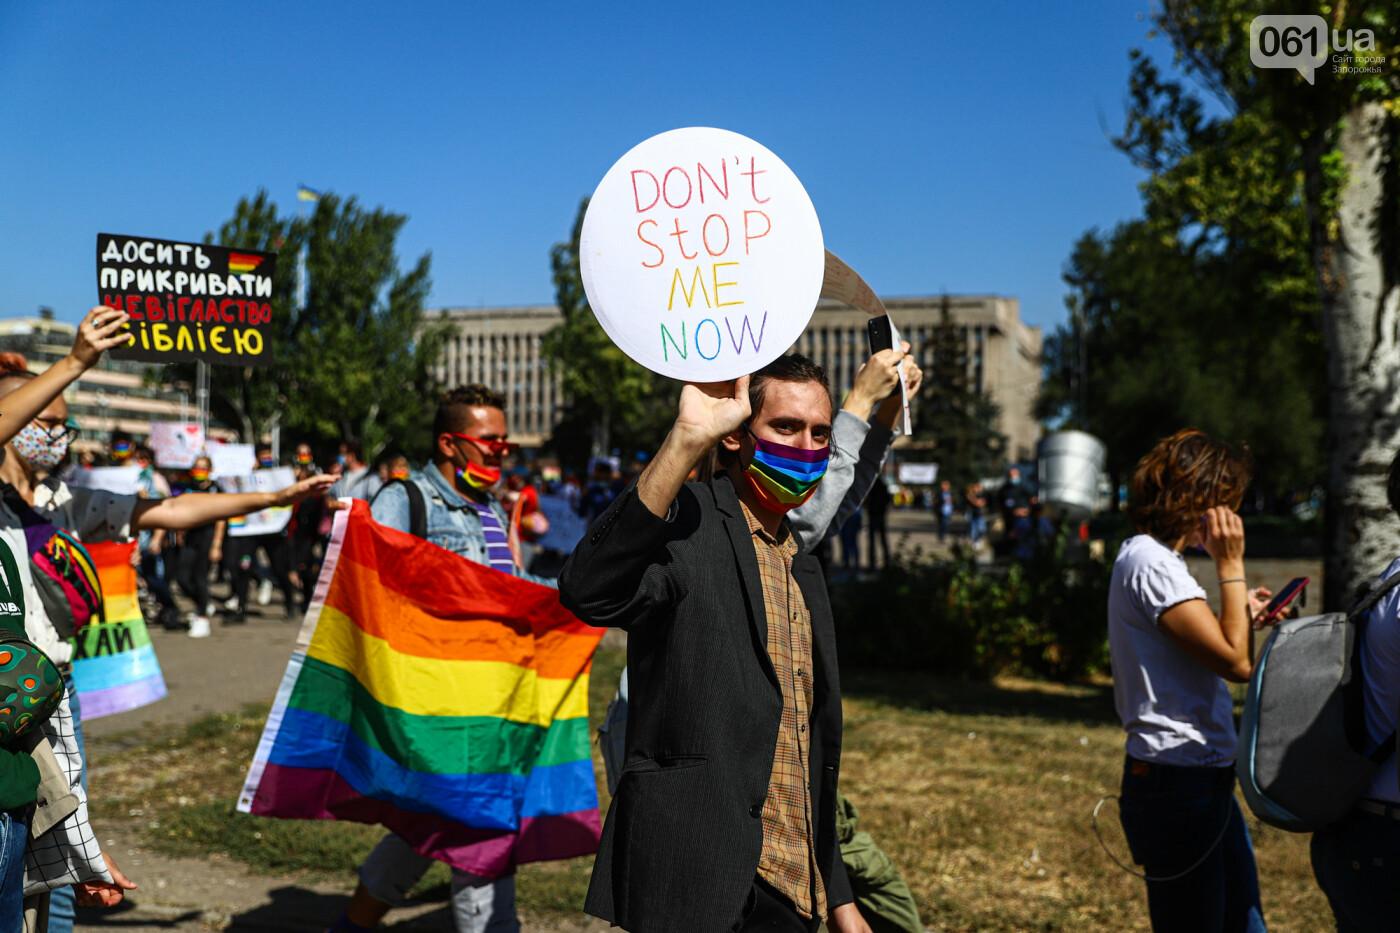 ЛГБТ-прайд, эко-митинг и восстановленные скульптуры в сквере Пионеров: сентябрь в фотографиях , фото-105